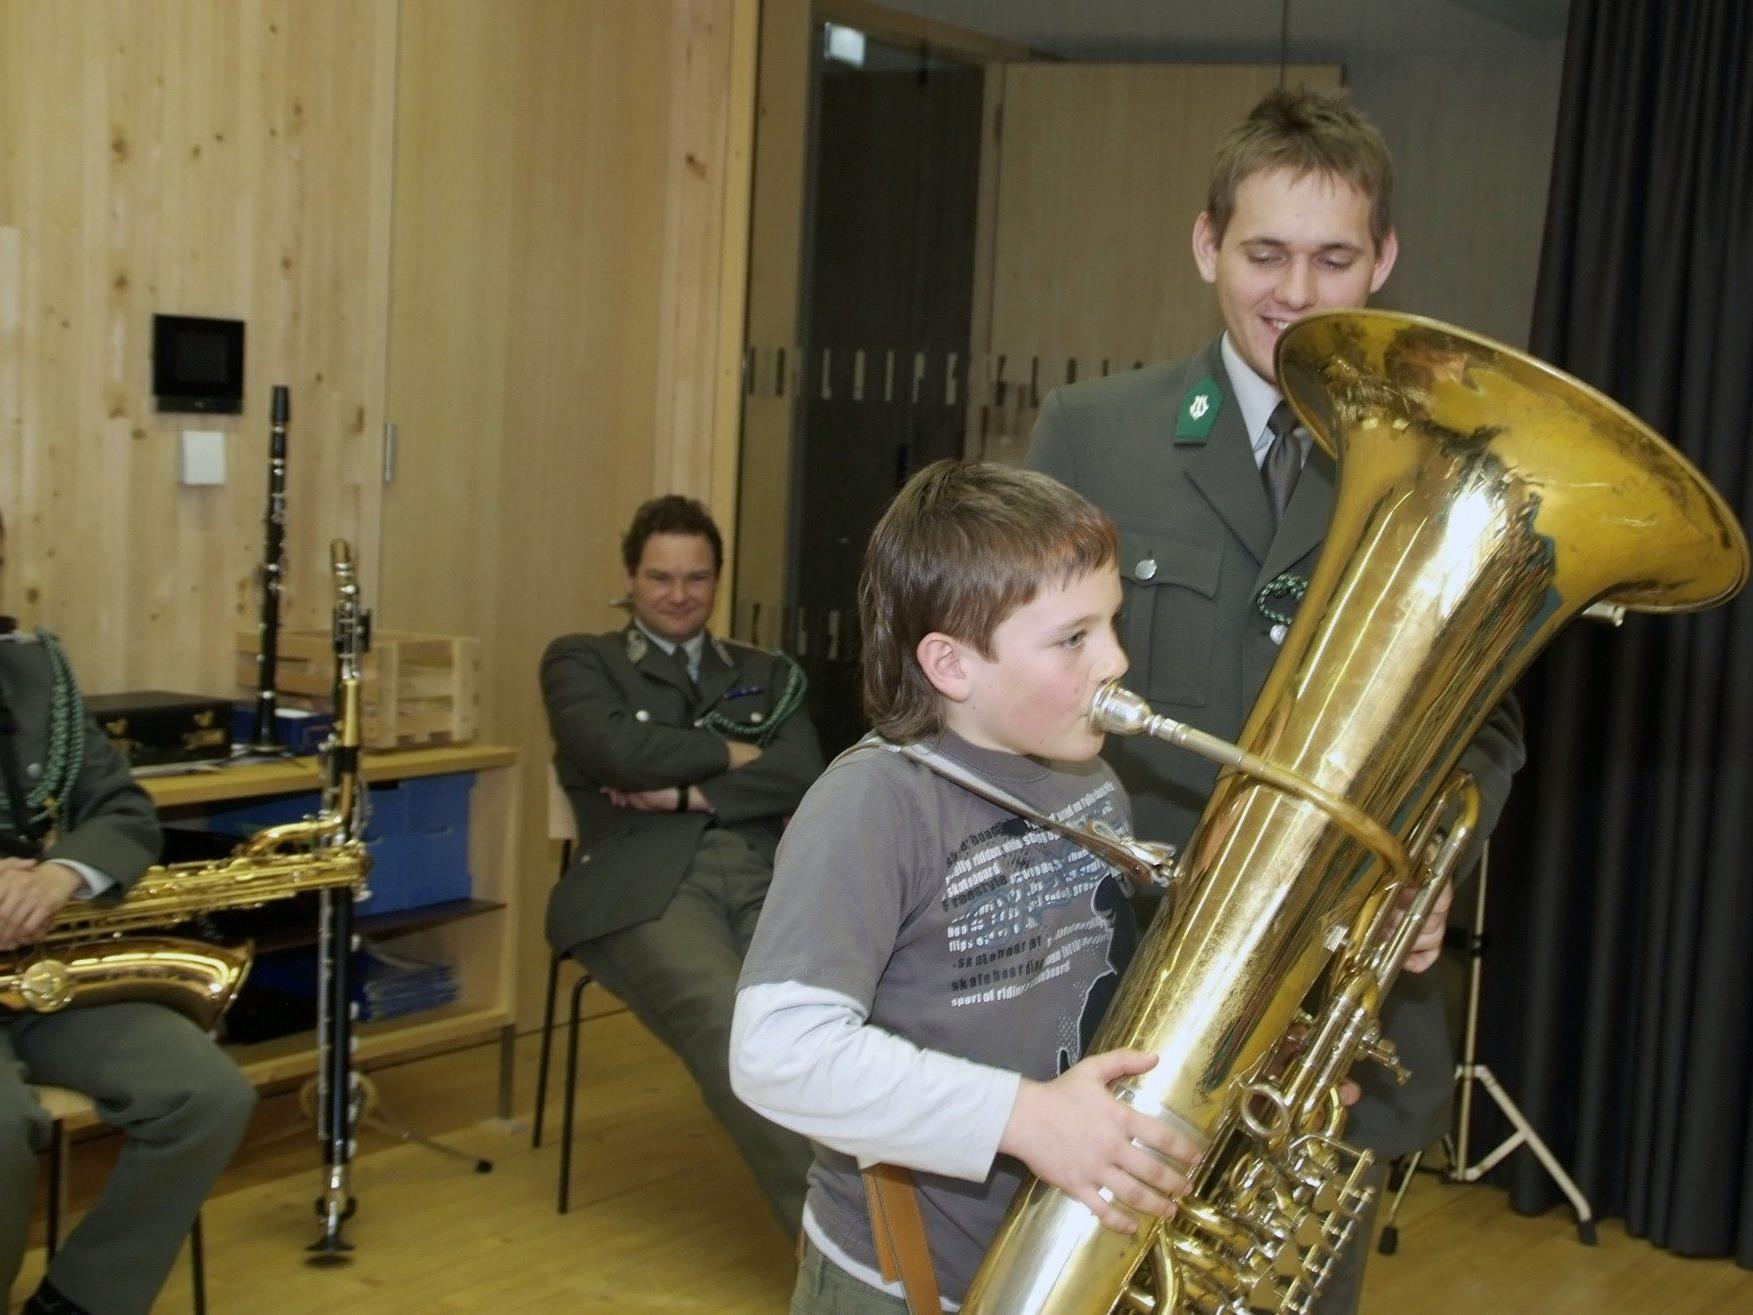 Egal wie groß das Instrument ist, wichtig: man kann ihm einen Ton entlocken.